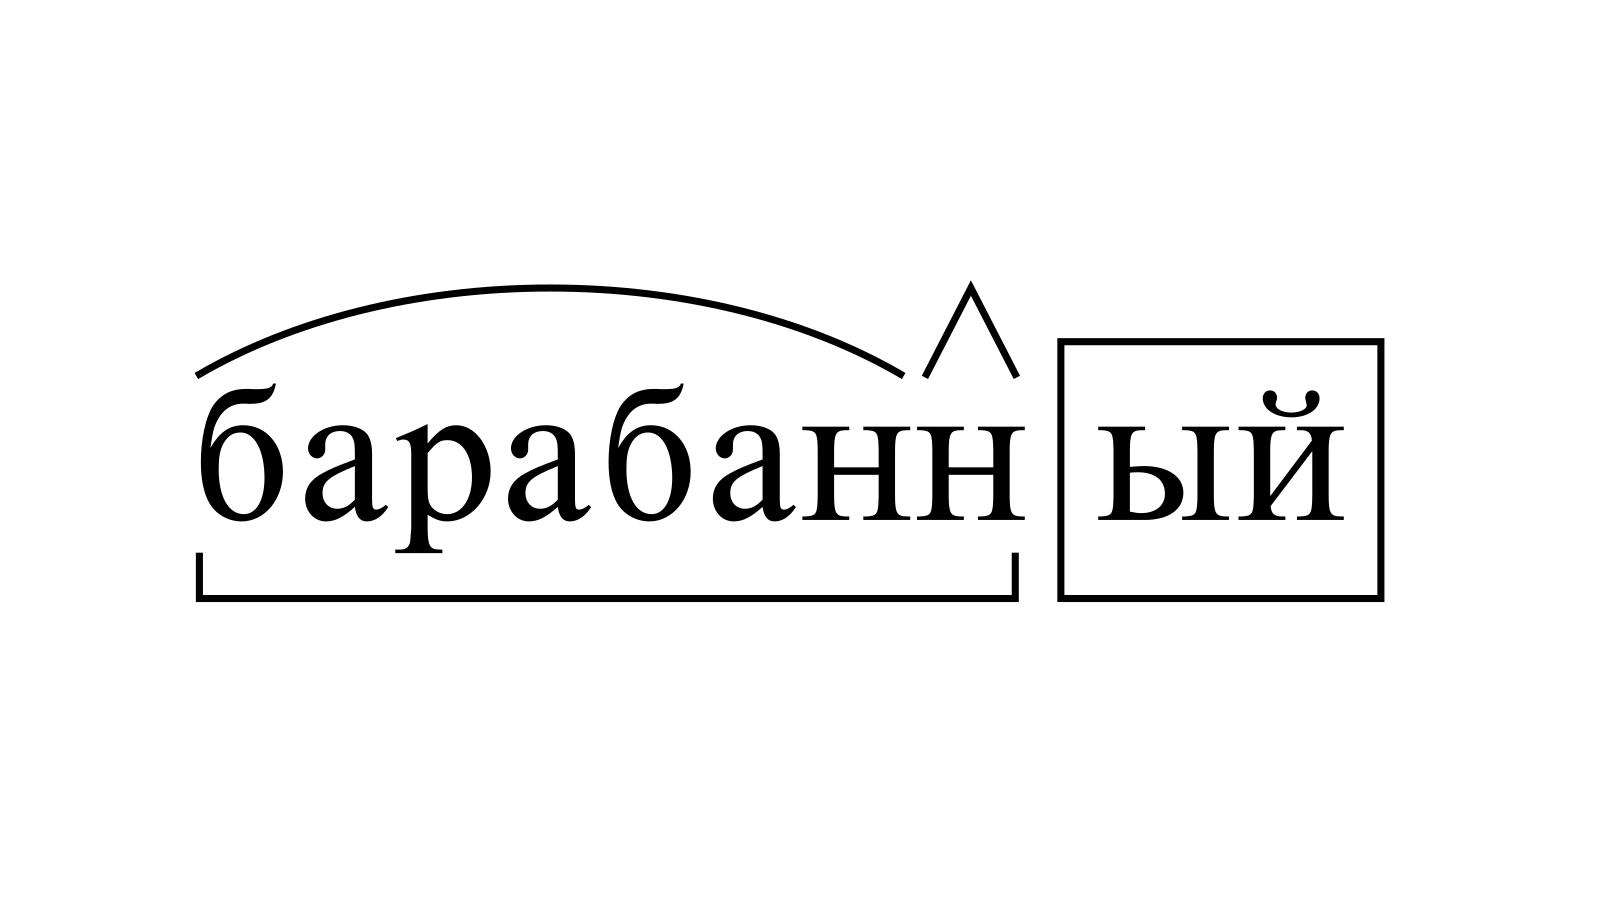 Разбор слова «барабанный» по составу